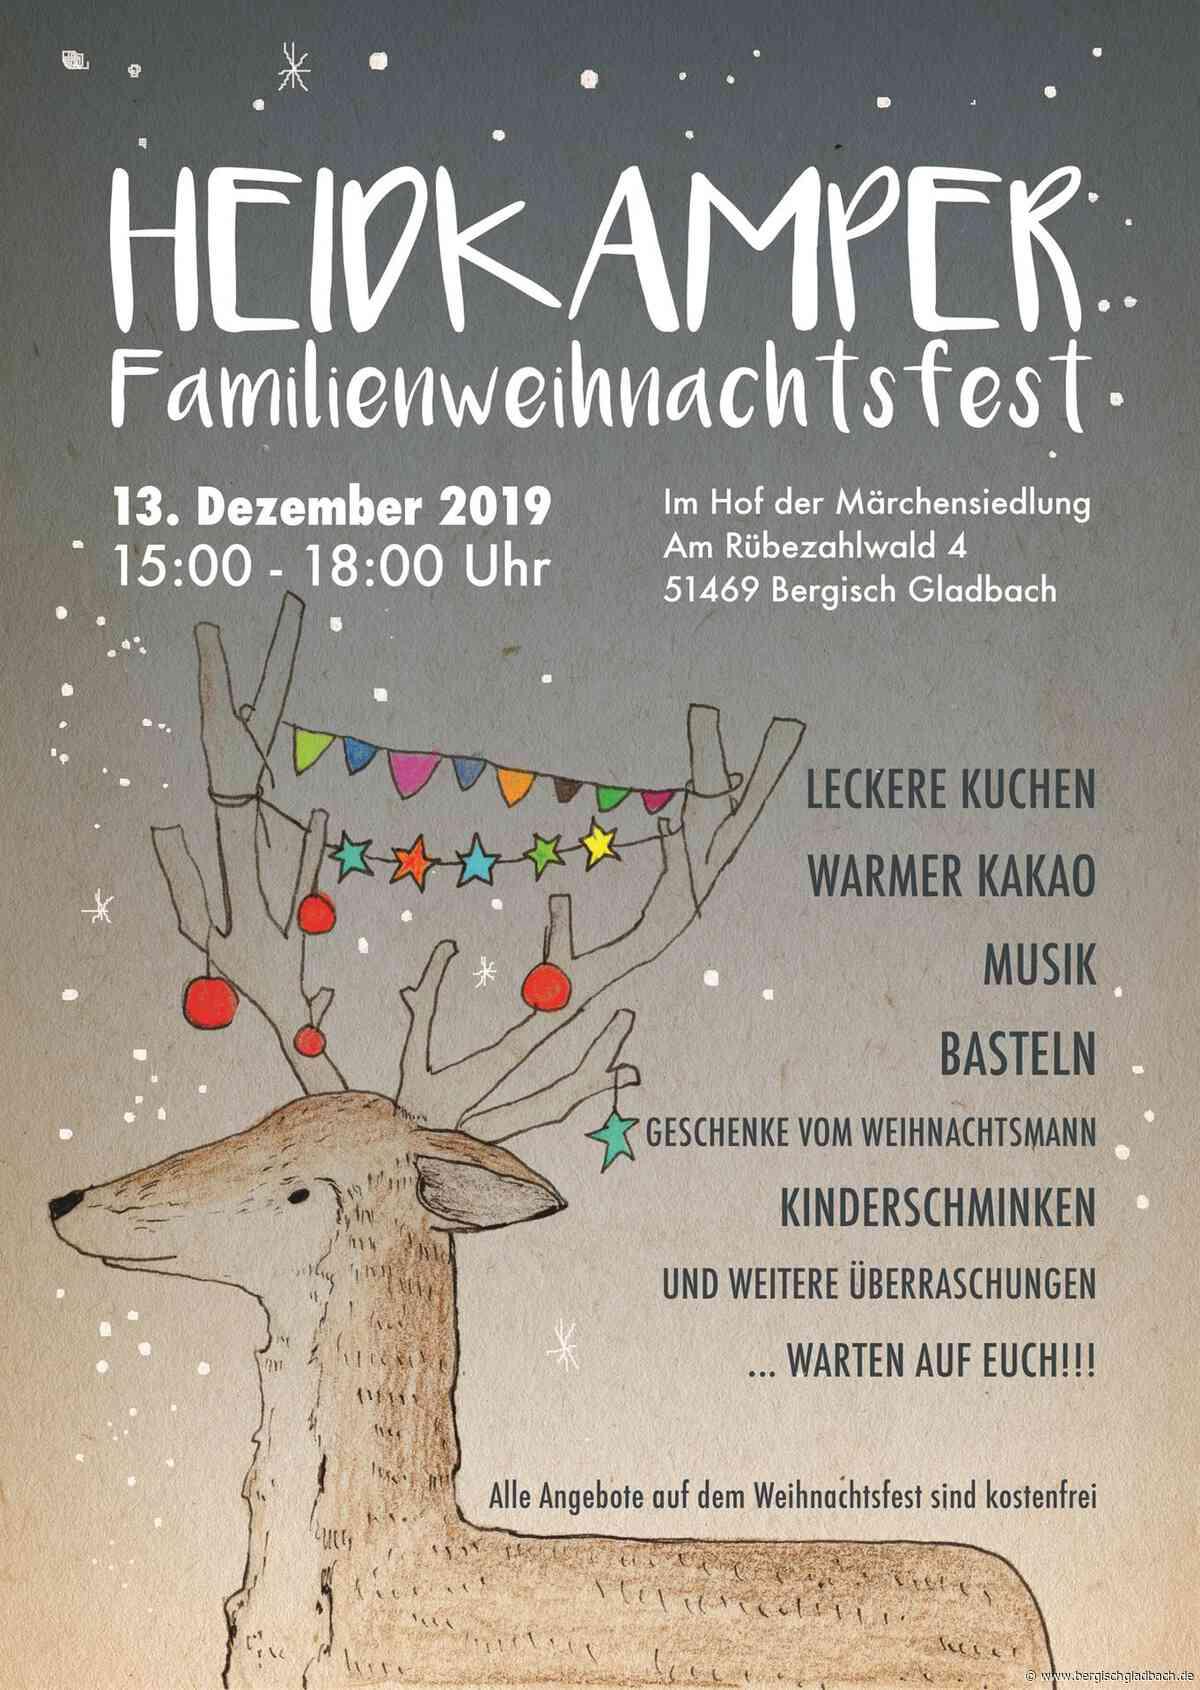 Runder Tisch lädt zum fünften Heidkamper Familienweihnachtsfest – Weihnachtsmann bringt kleine Überraschungen